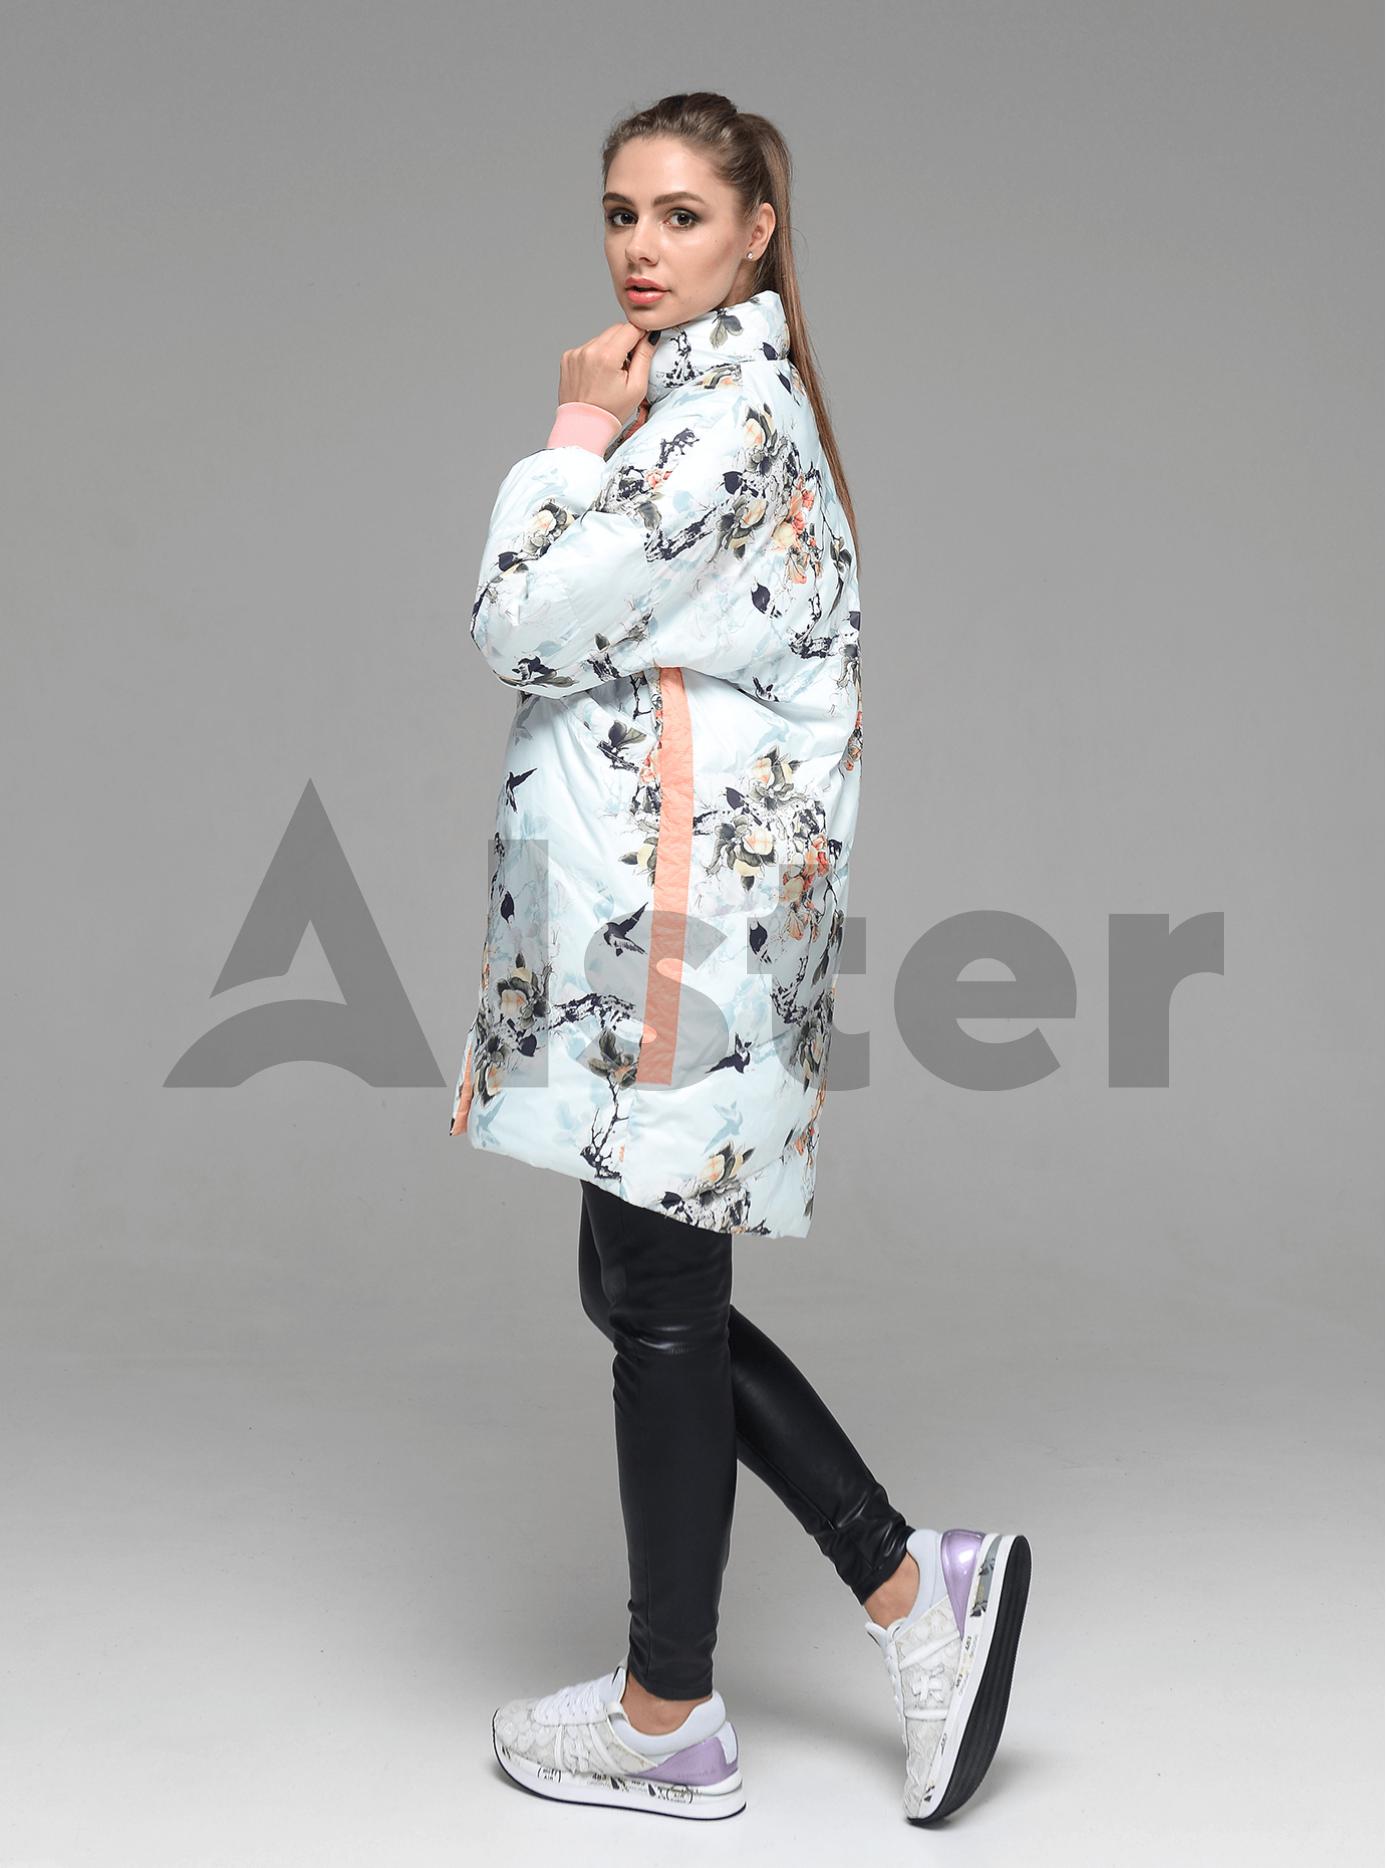 Куртка демисезонная женская Персиковый L (02-D190128): фото - Alster.ua